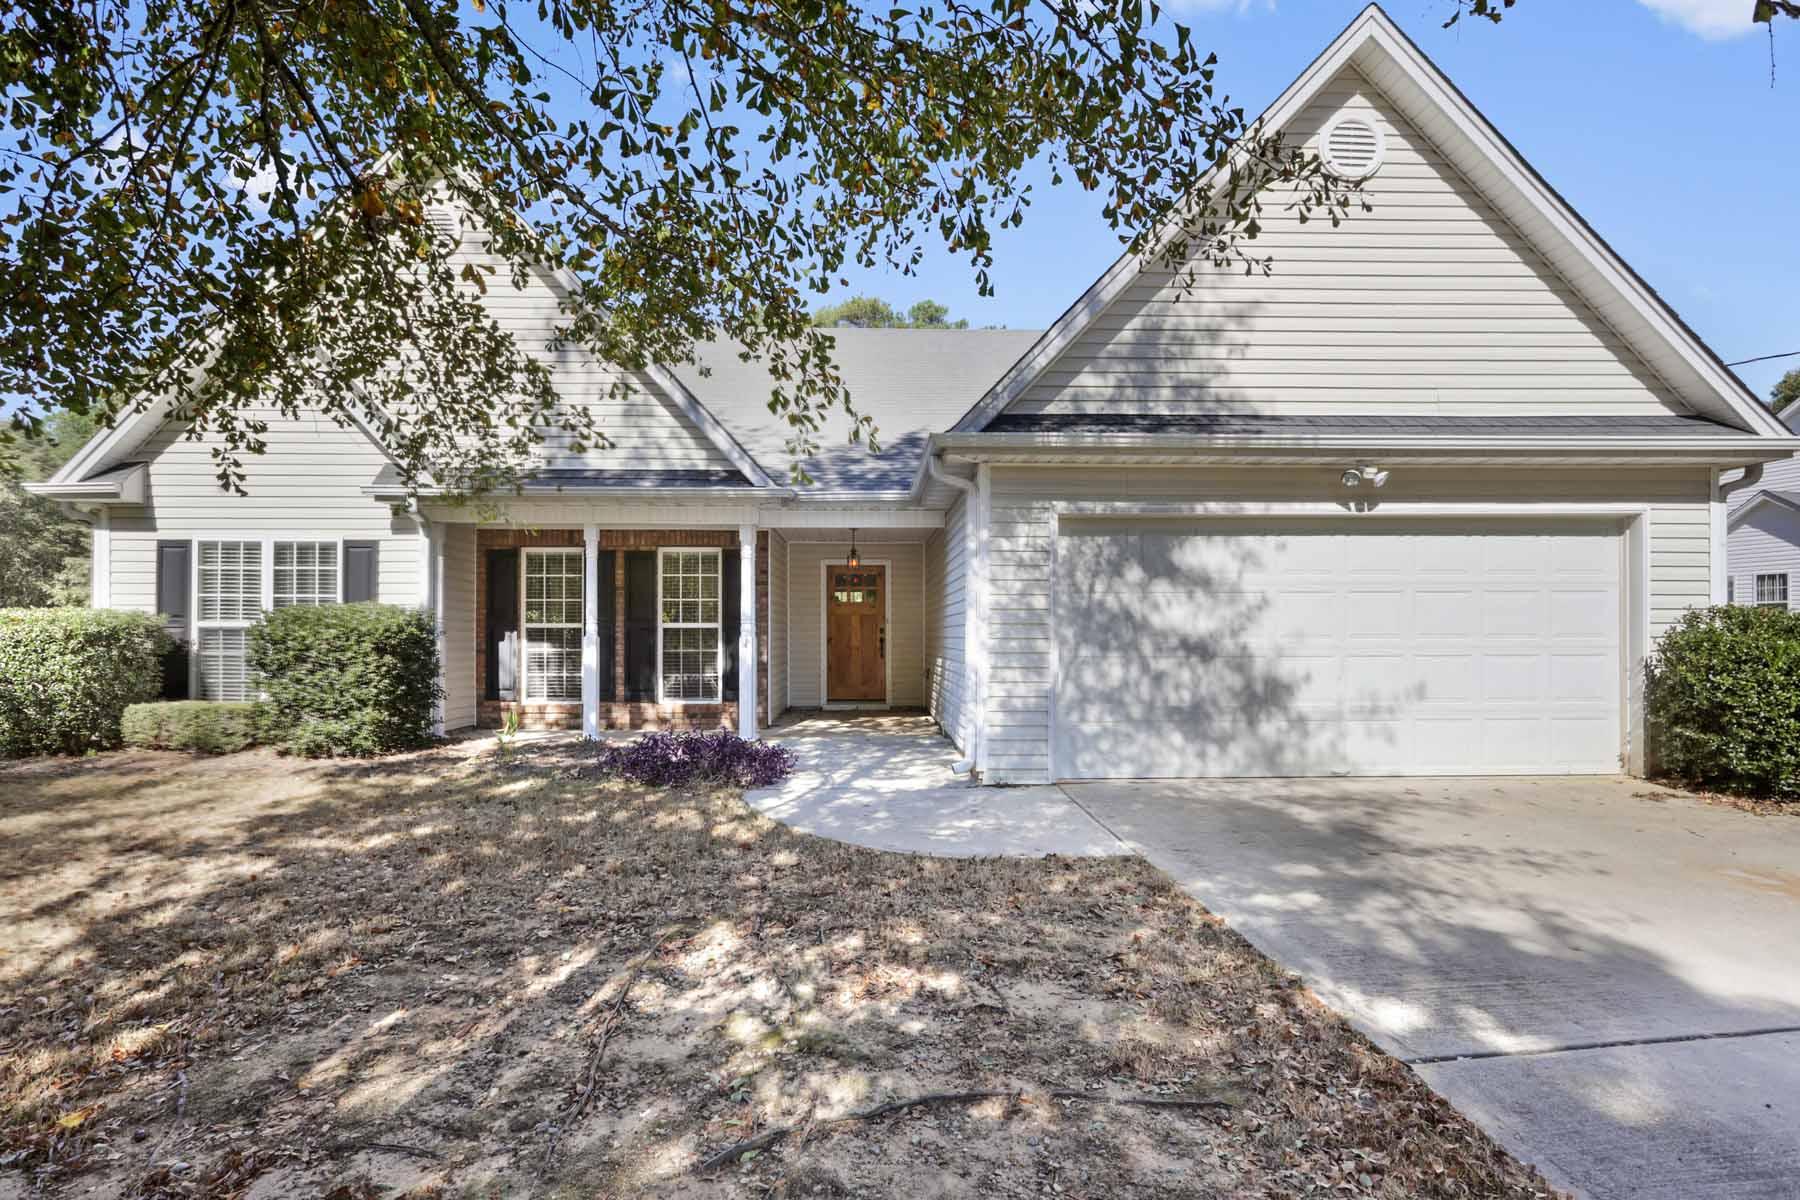 Maison unifamiliale pour l Vente à Charming Ranch On Large Lot 561 Old Loganville Road Loganville, Georgia, 30052 États-Unis